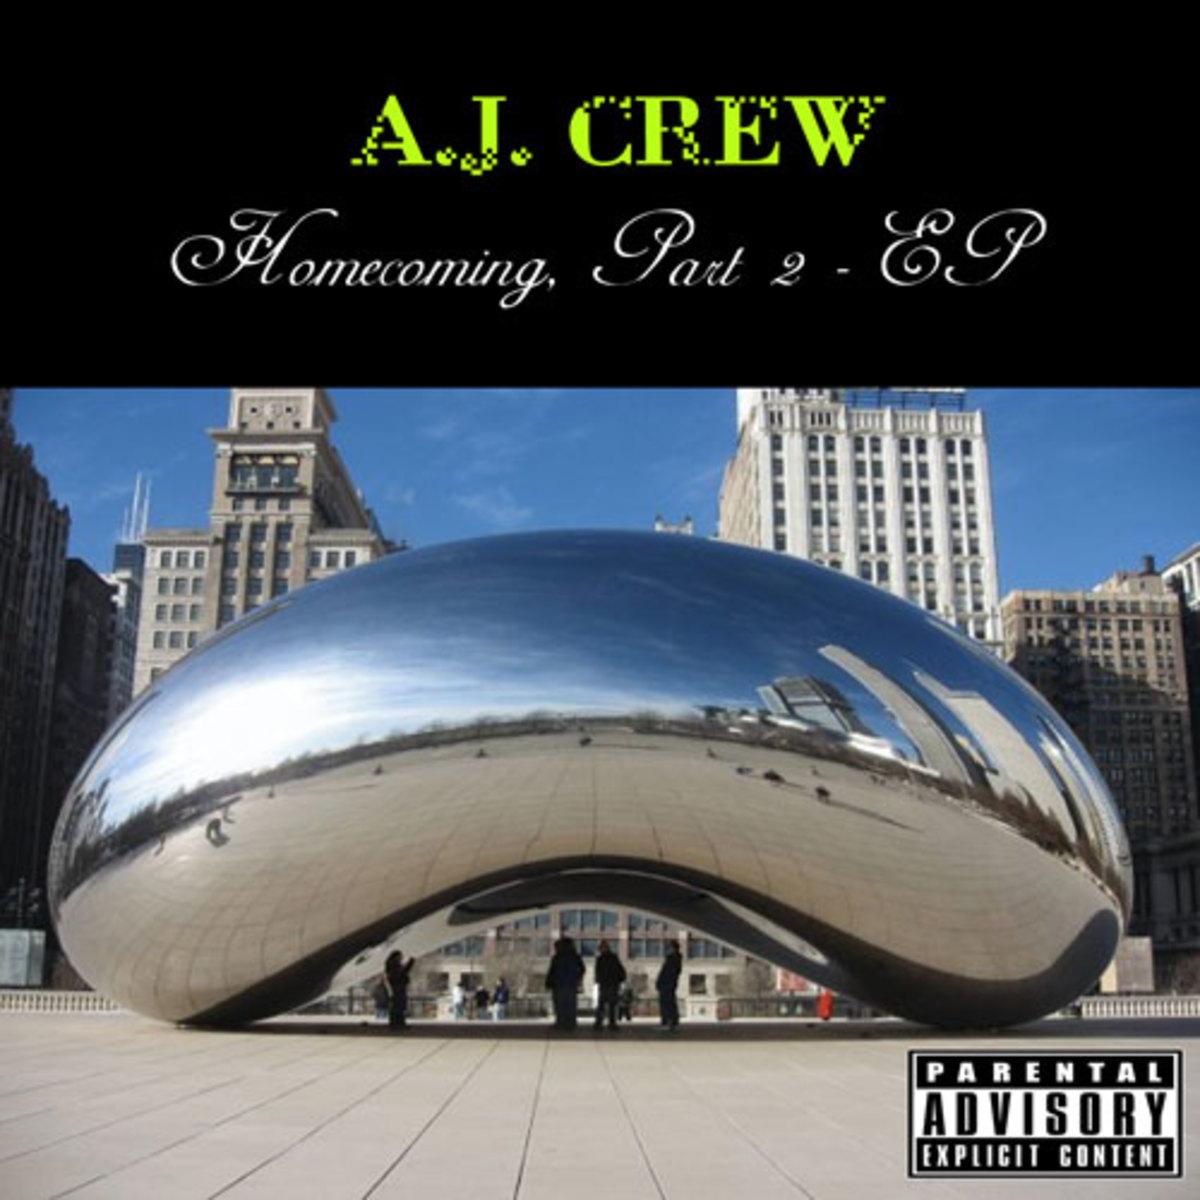 ajcrew-hcpart2.jpg